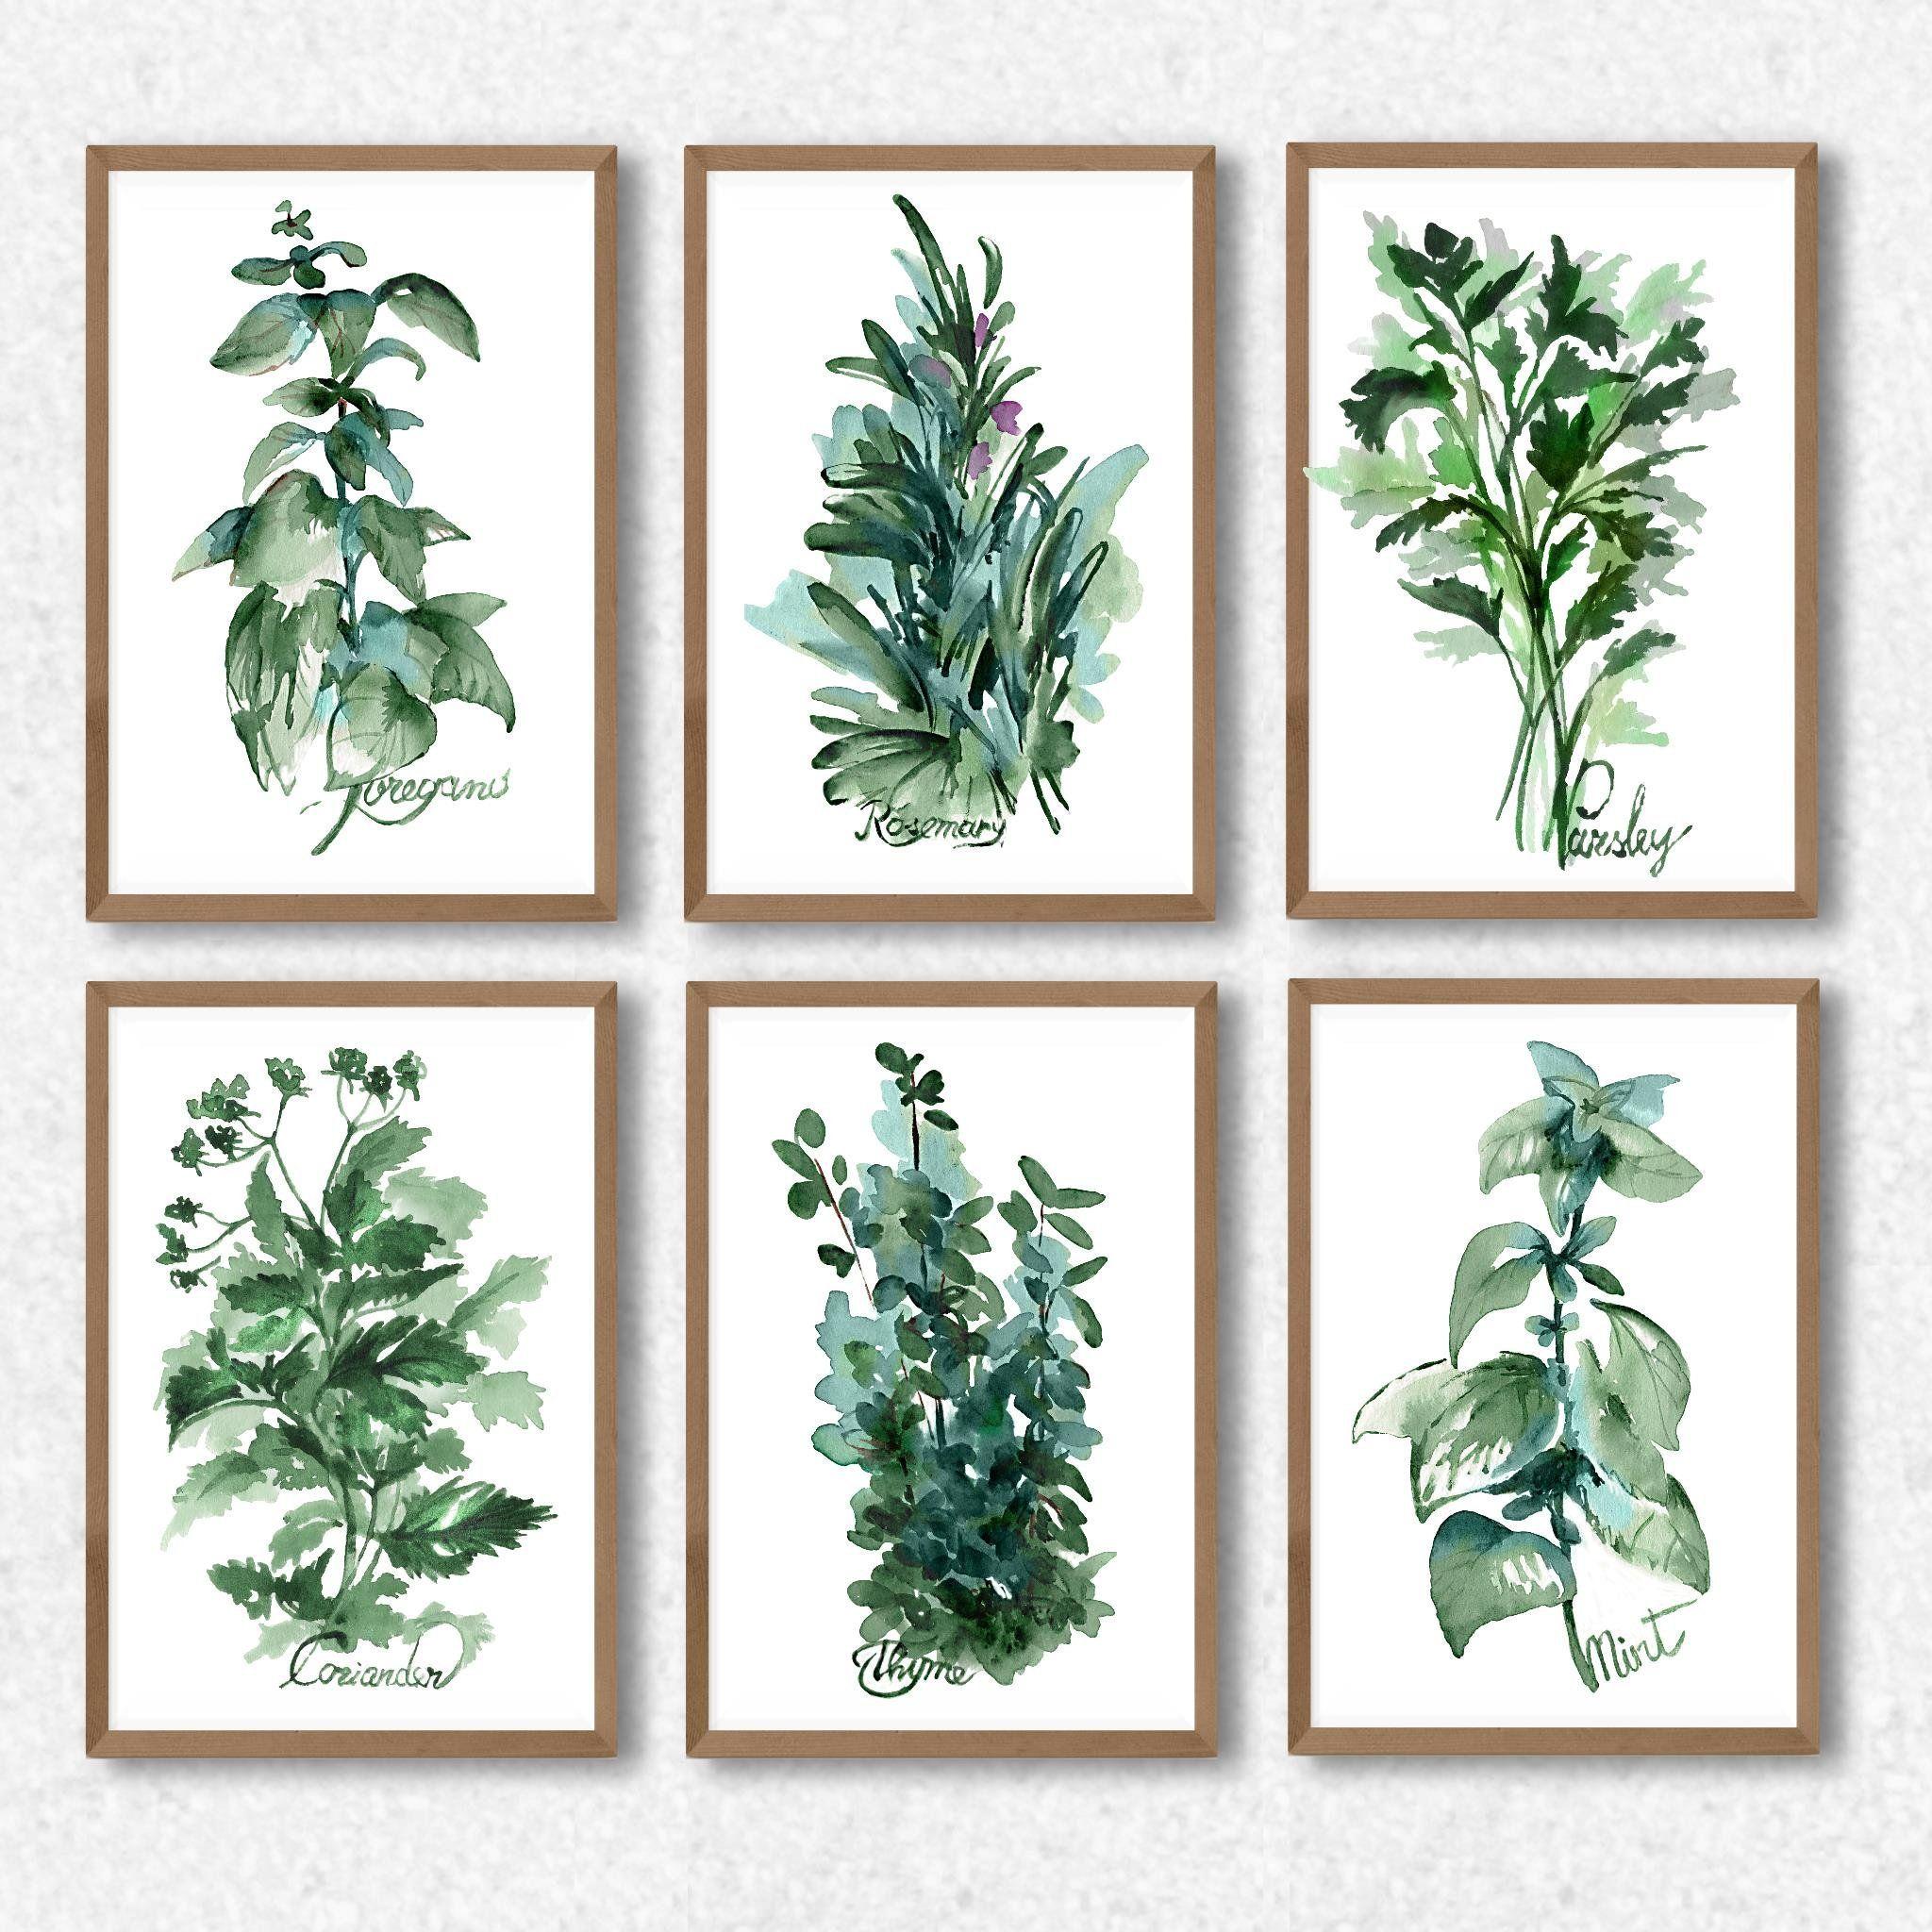 Herbs Prints Set Of 6 Farmhouse Decor Kithen Wall Decor